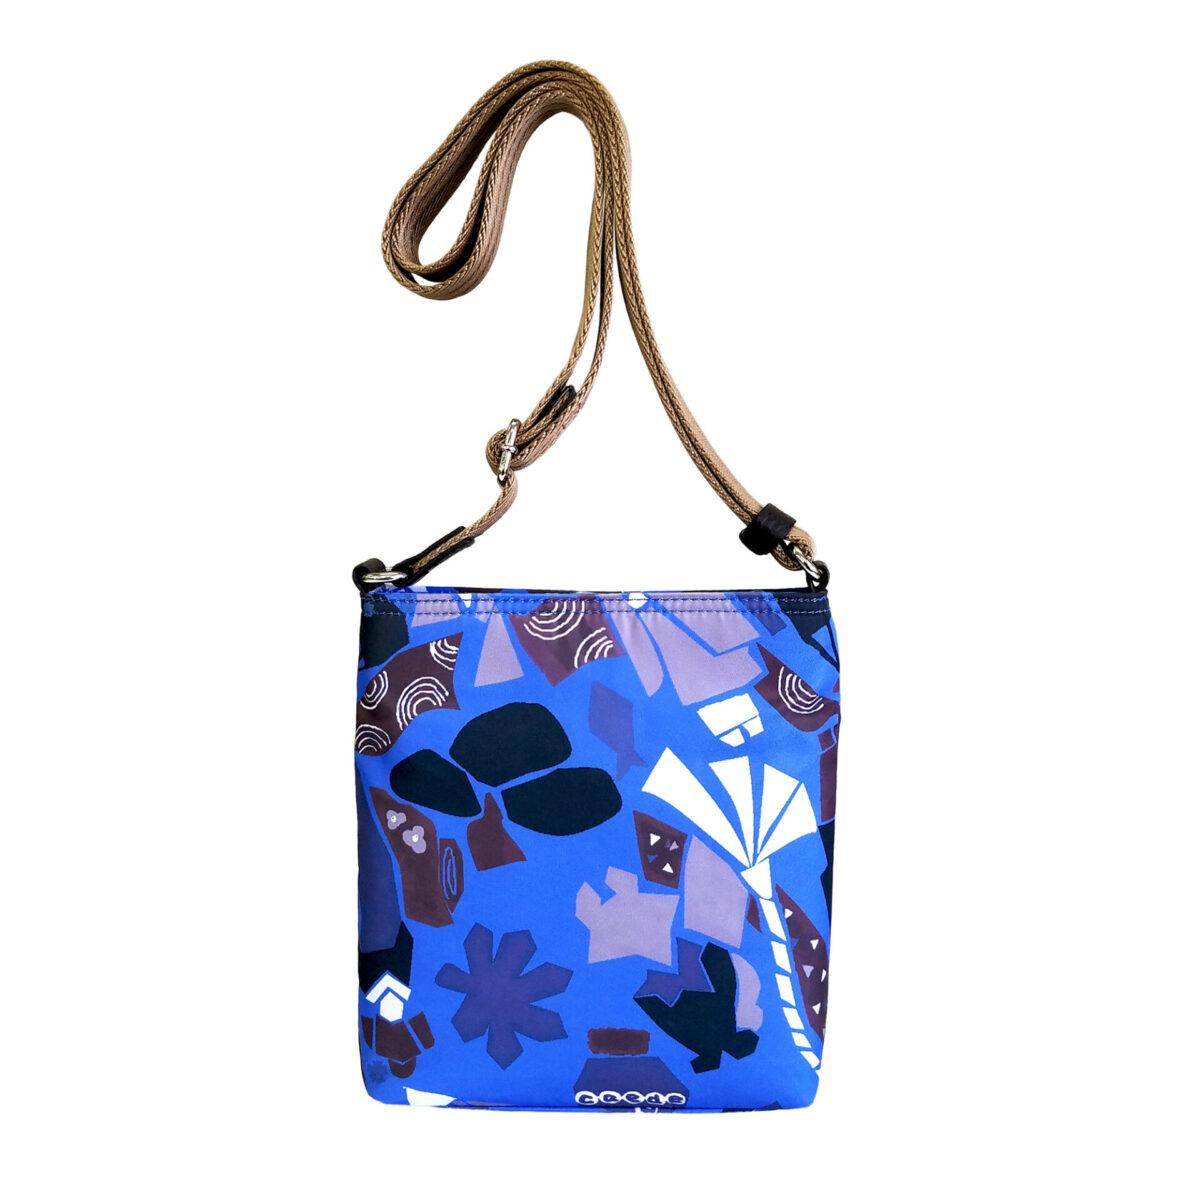 Maiko Puzzle Linate Pochette Mini blue